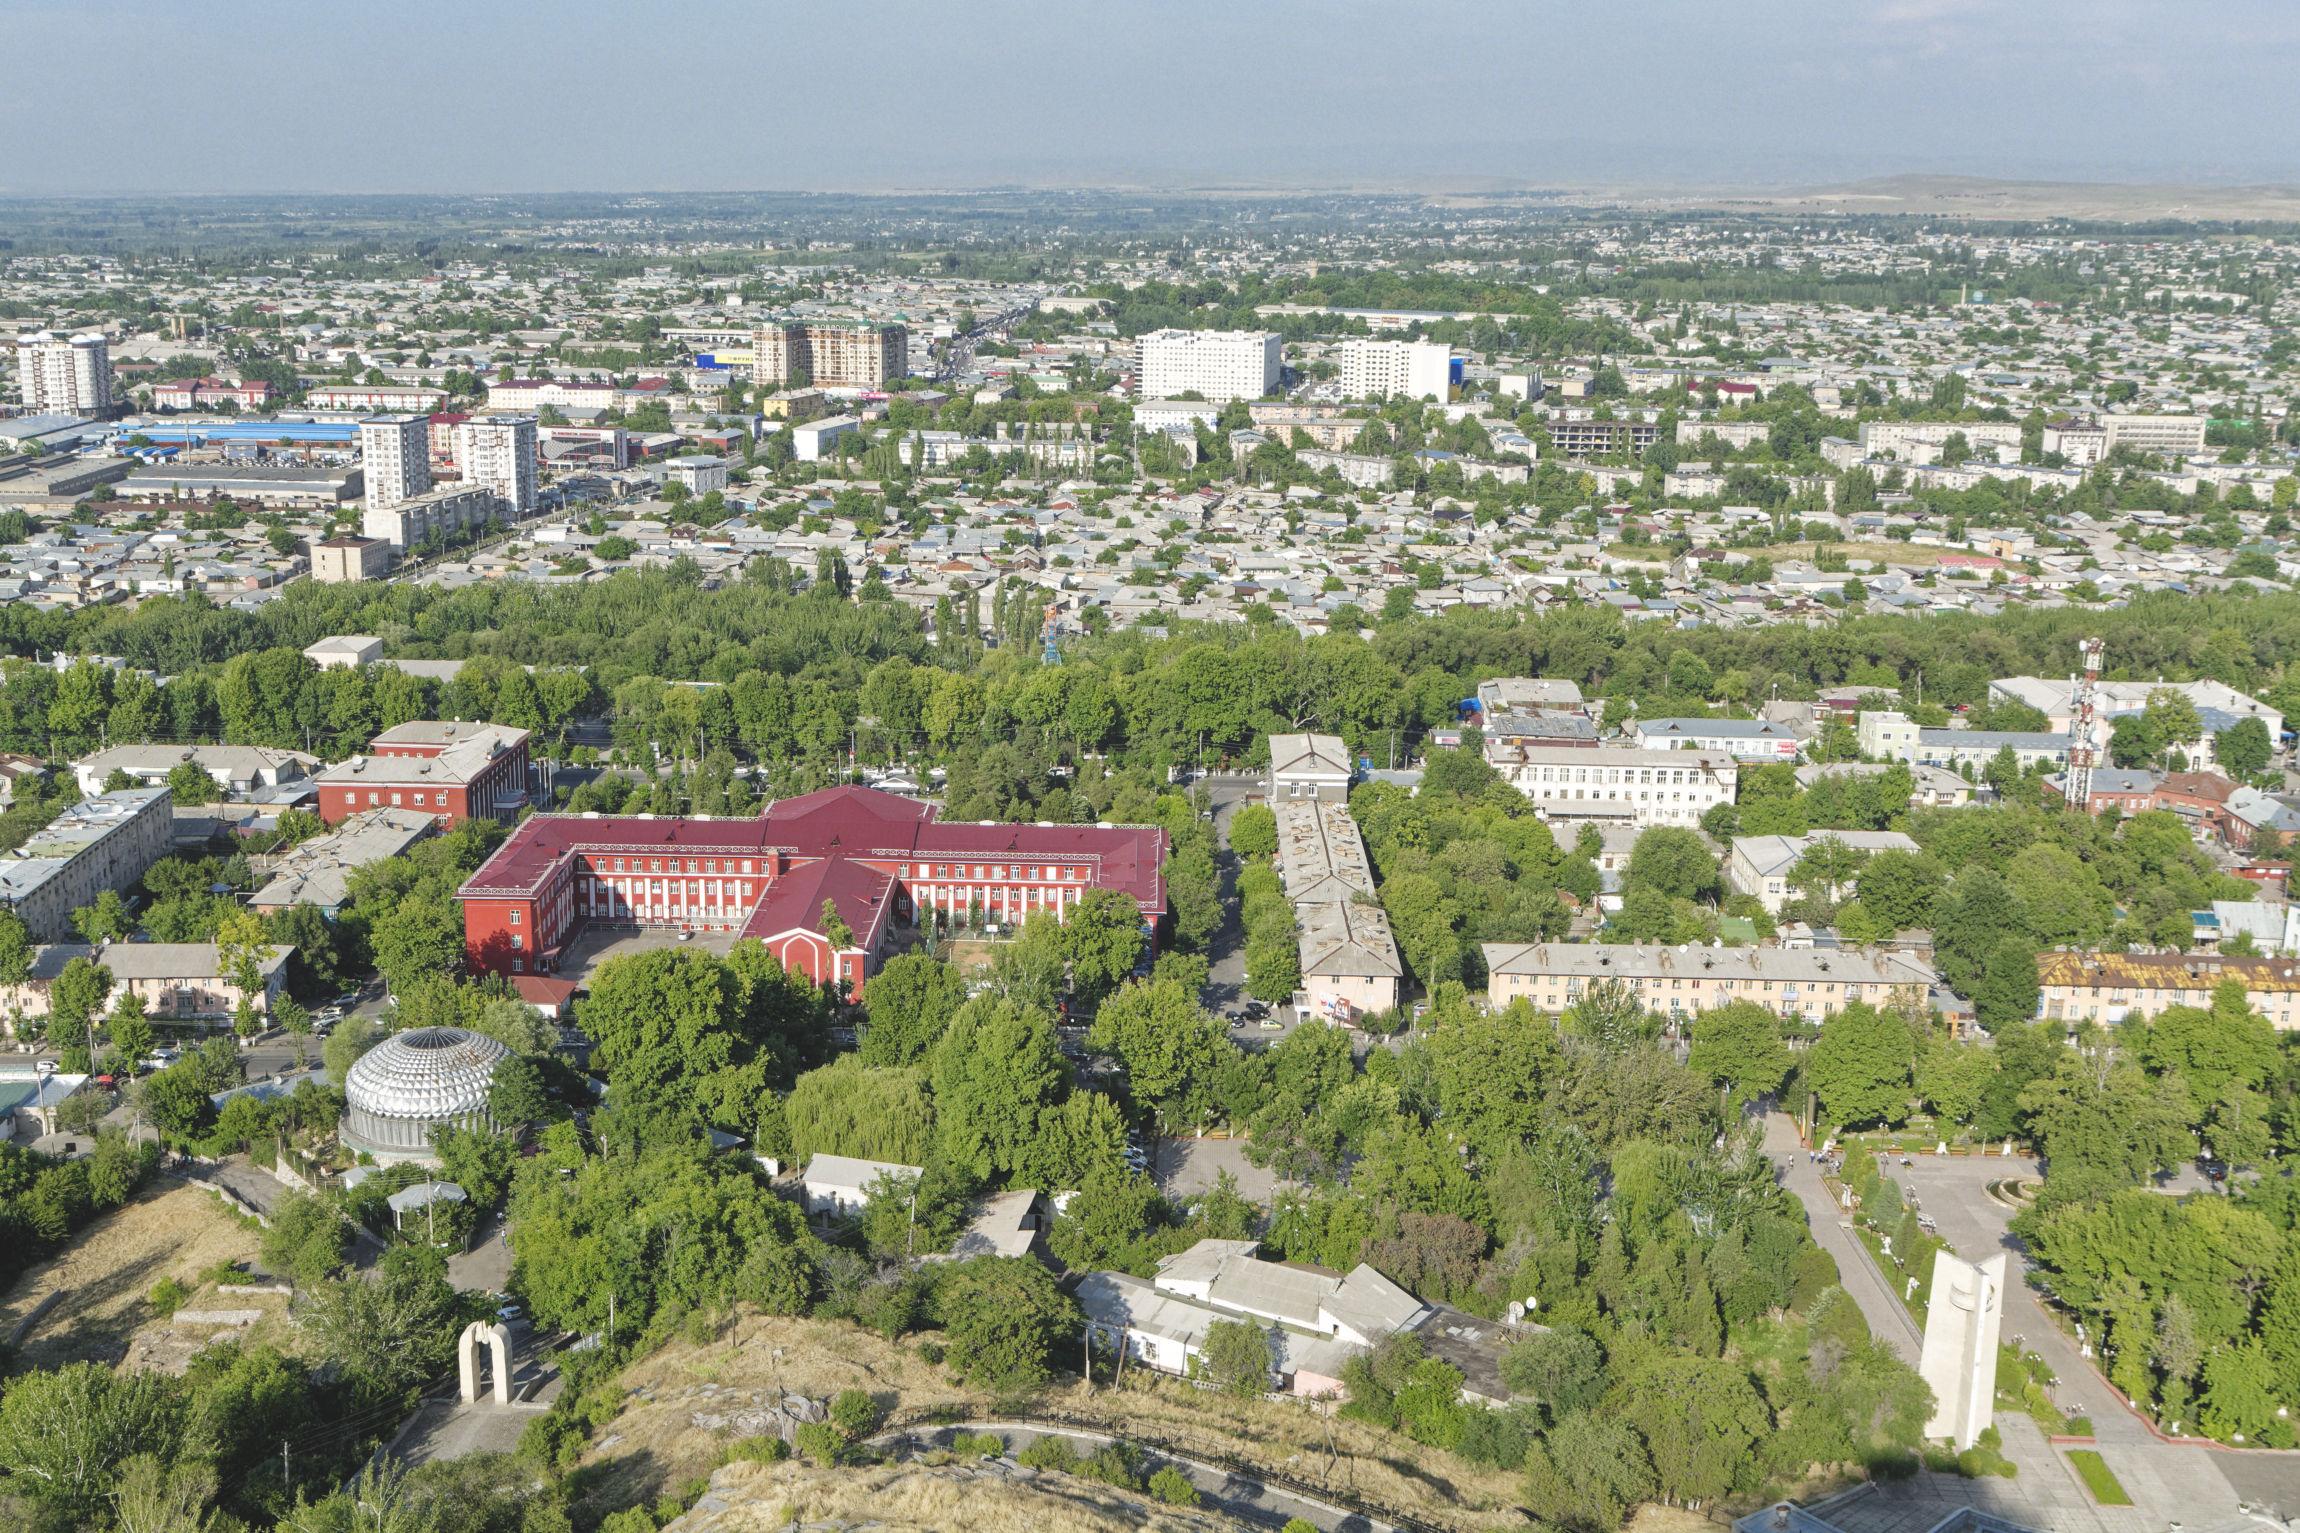 Vue sur la ville d'Och Kirghizstan